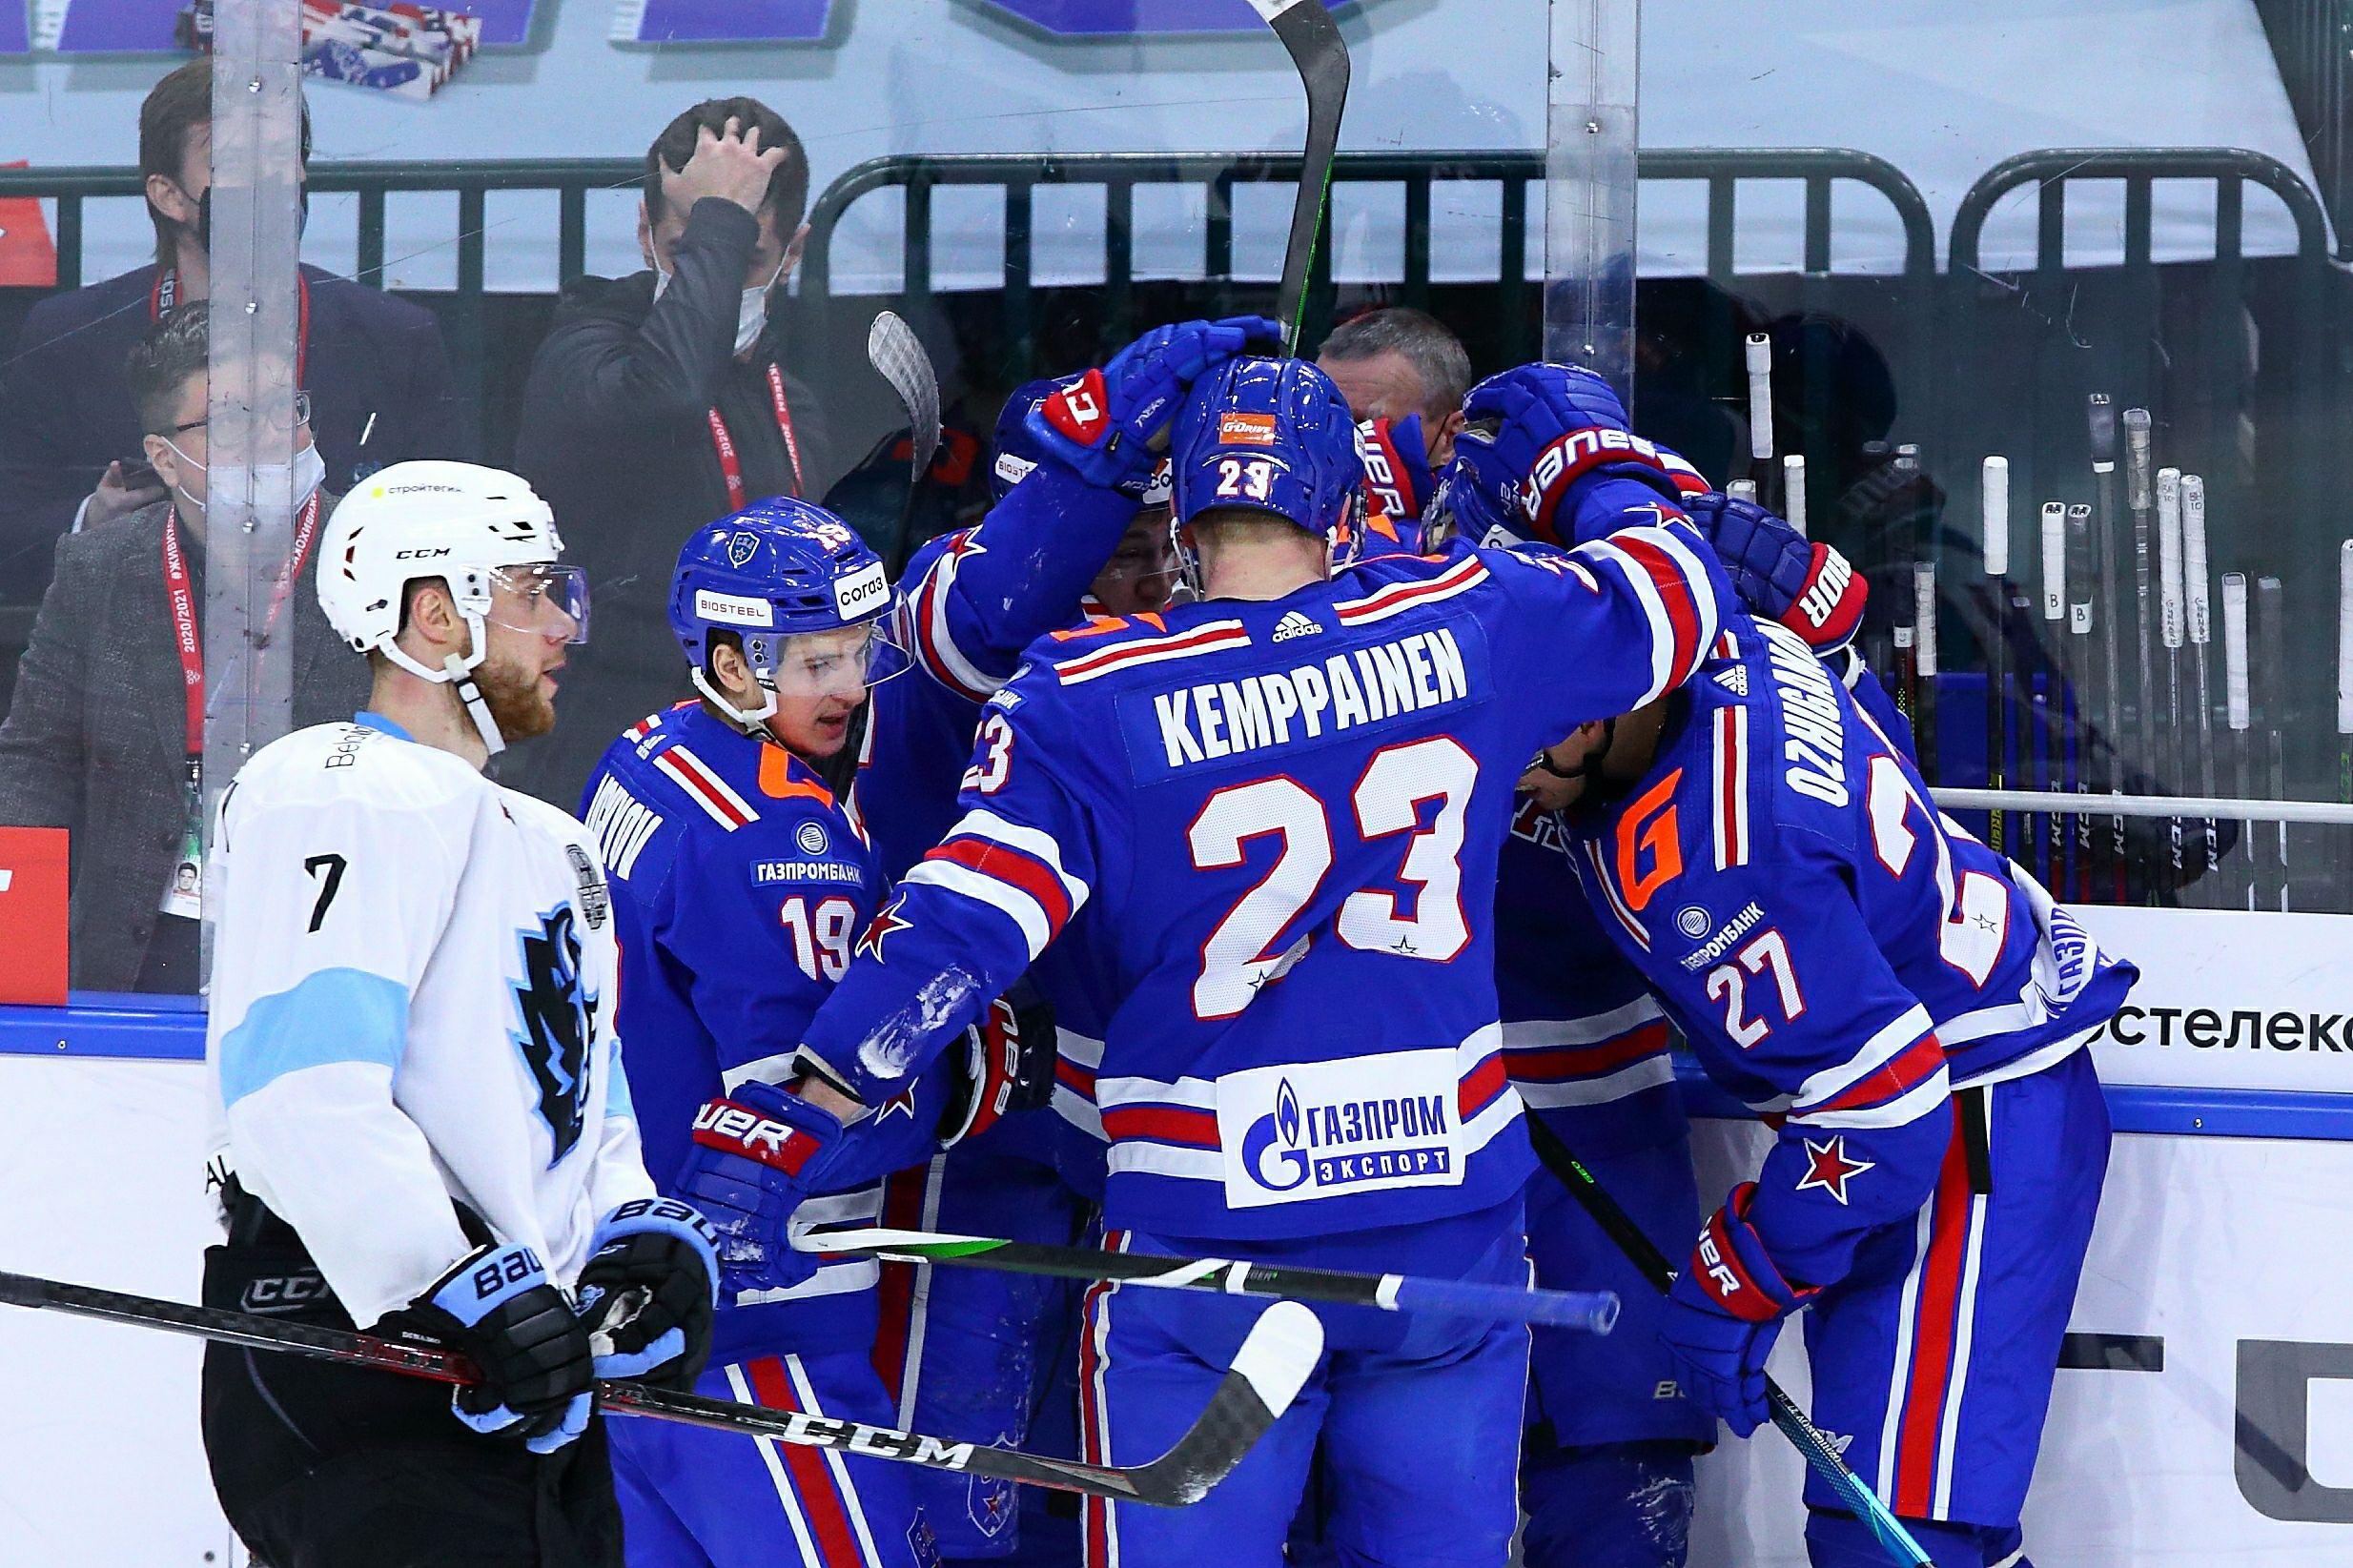 Тренер минского 'Динамо' - о серии со СКА: 'Мы хотим сотворить историю и отыграться с 0:3'